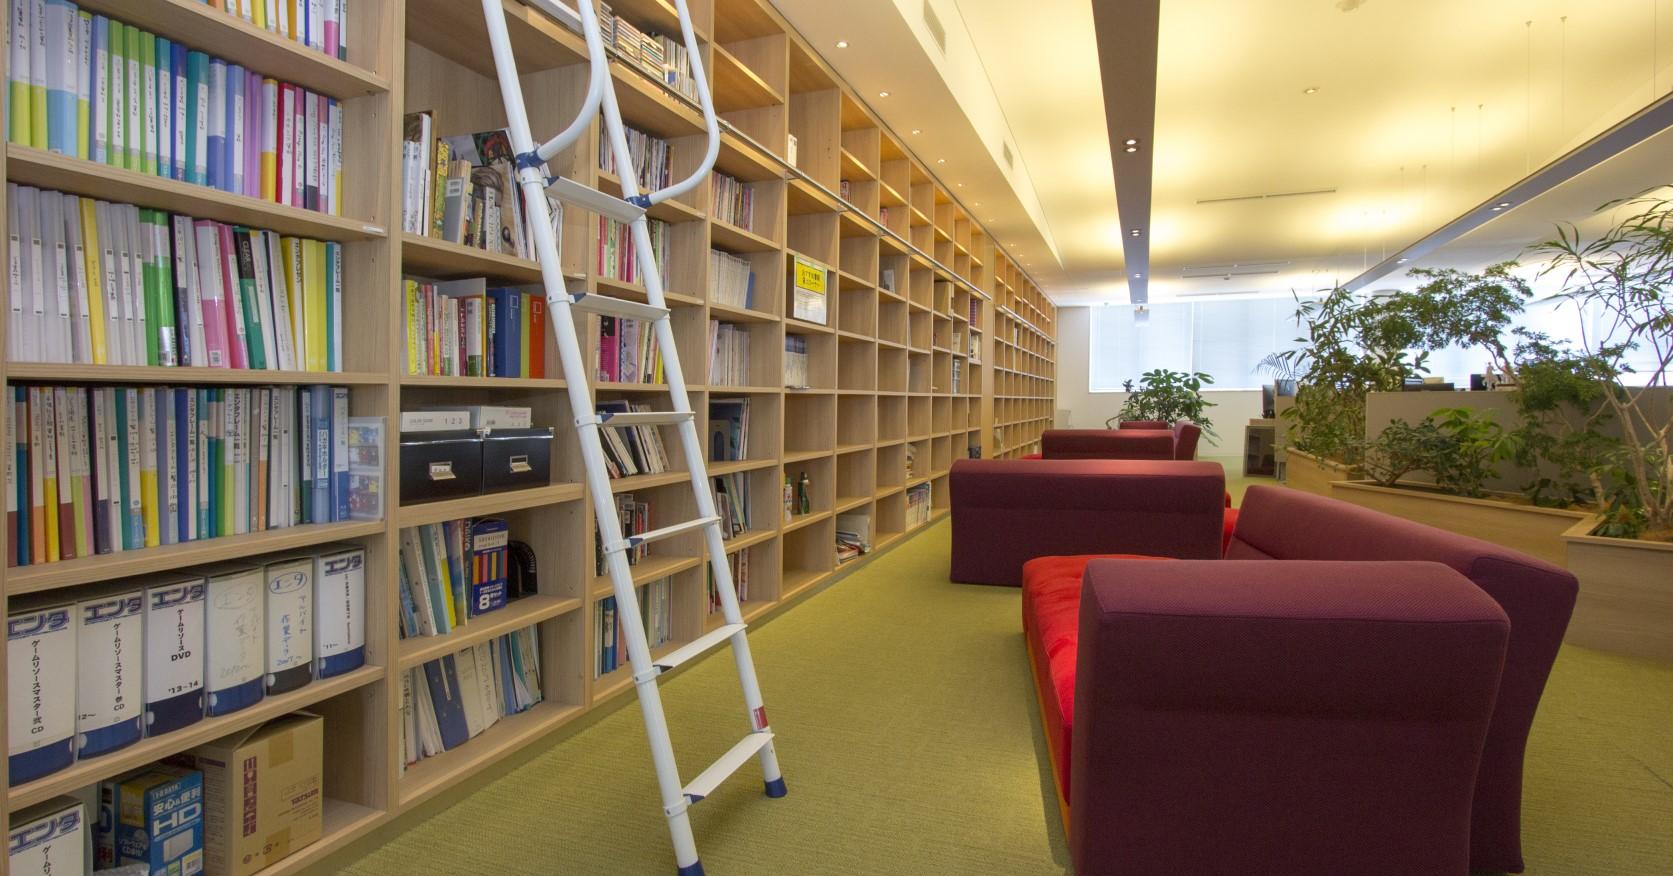 本棚には、参考資料や本を貸し出しています。勉強しやすい環境を整えています。